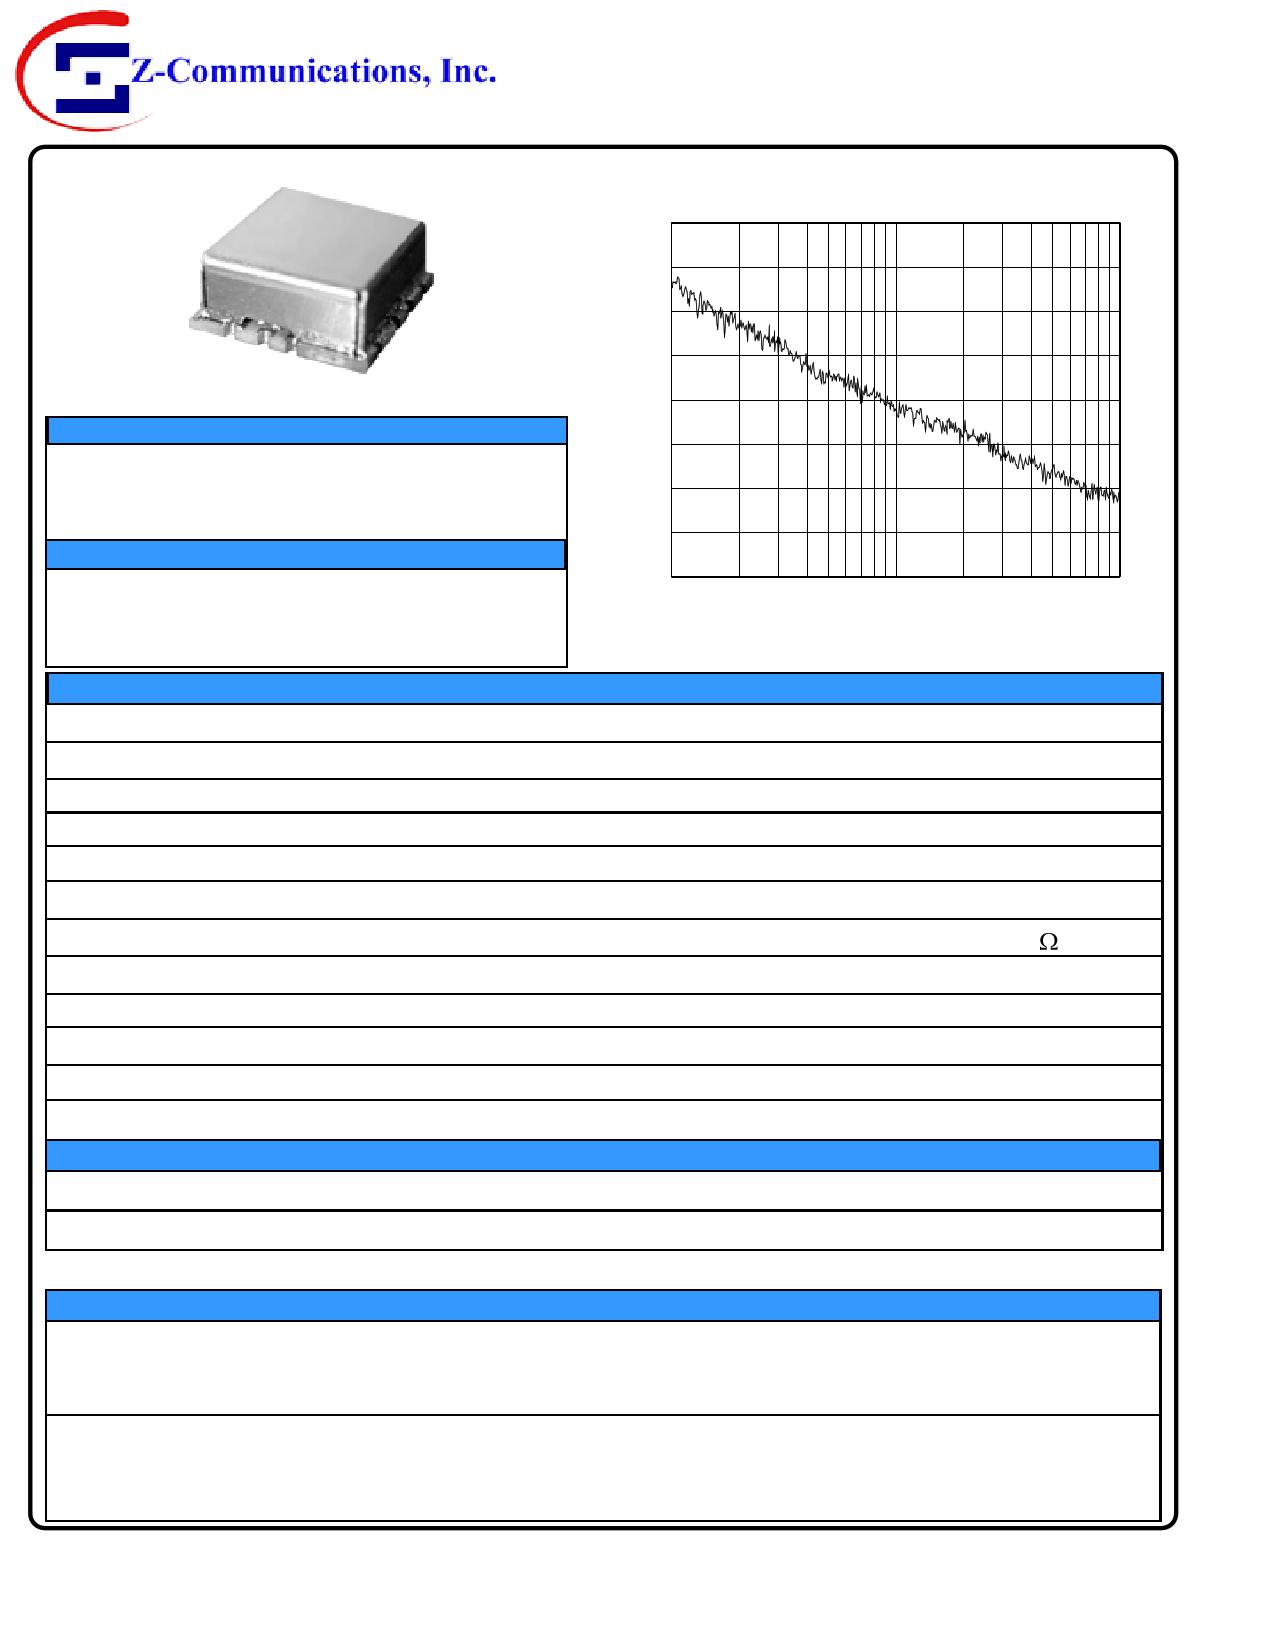 V842ME08 Datasheet, V842ME08 PDF,ピン配置, 機能